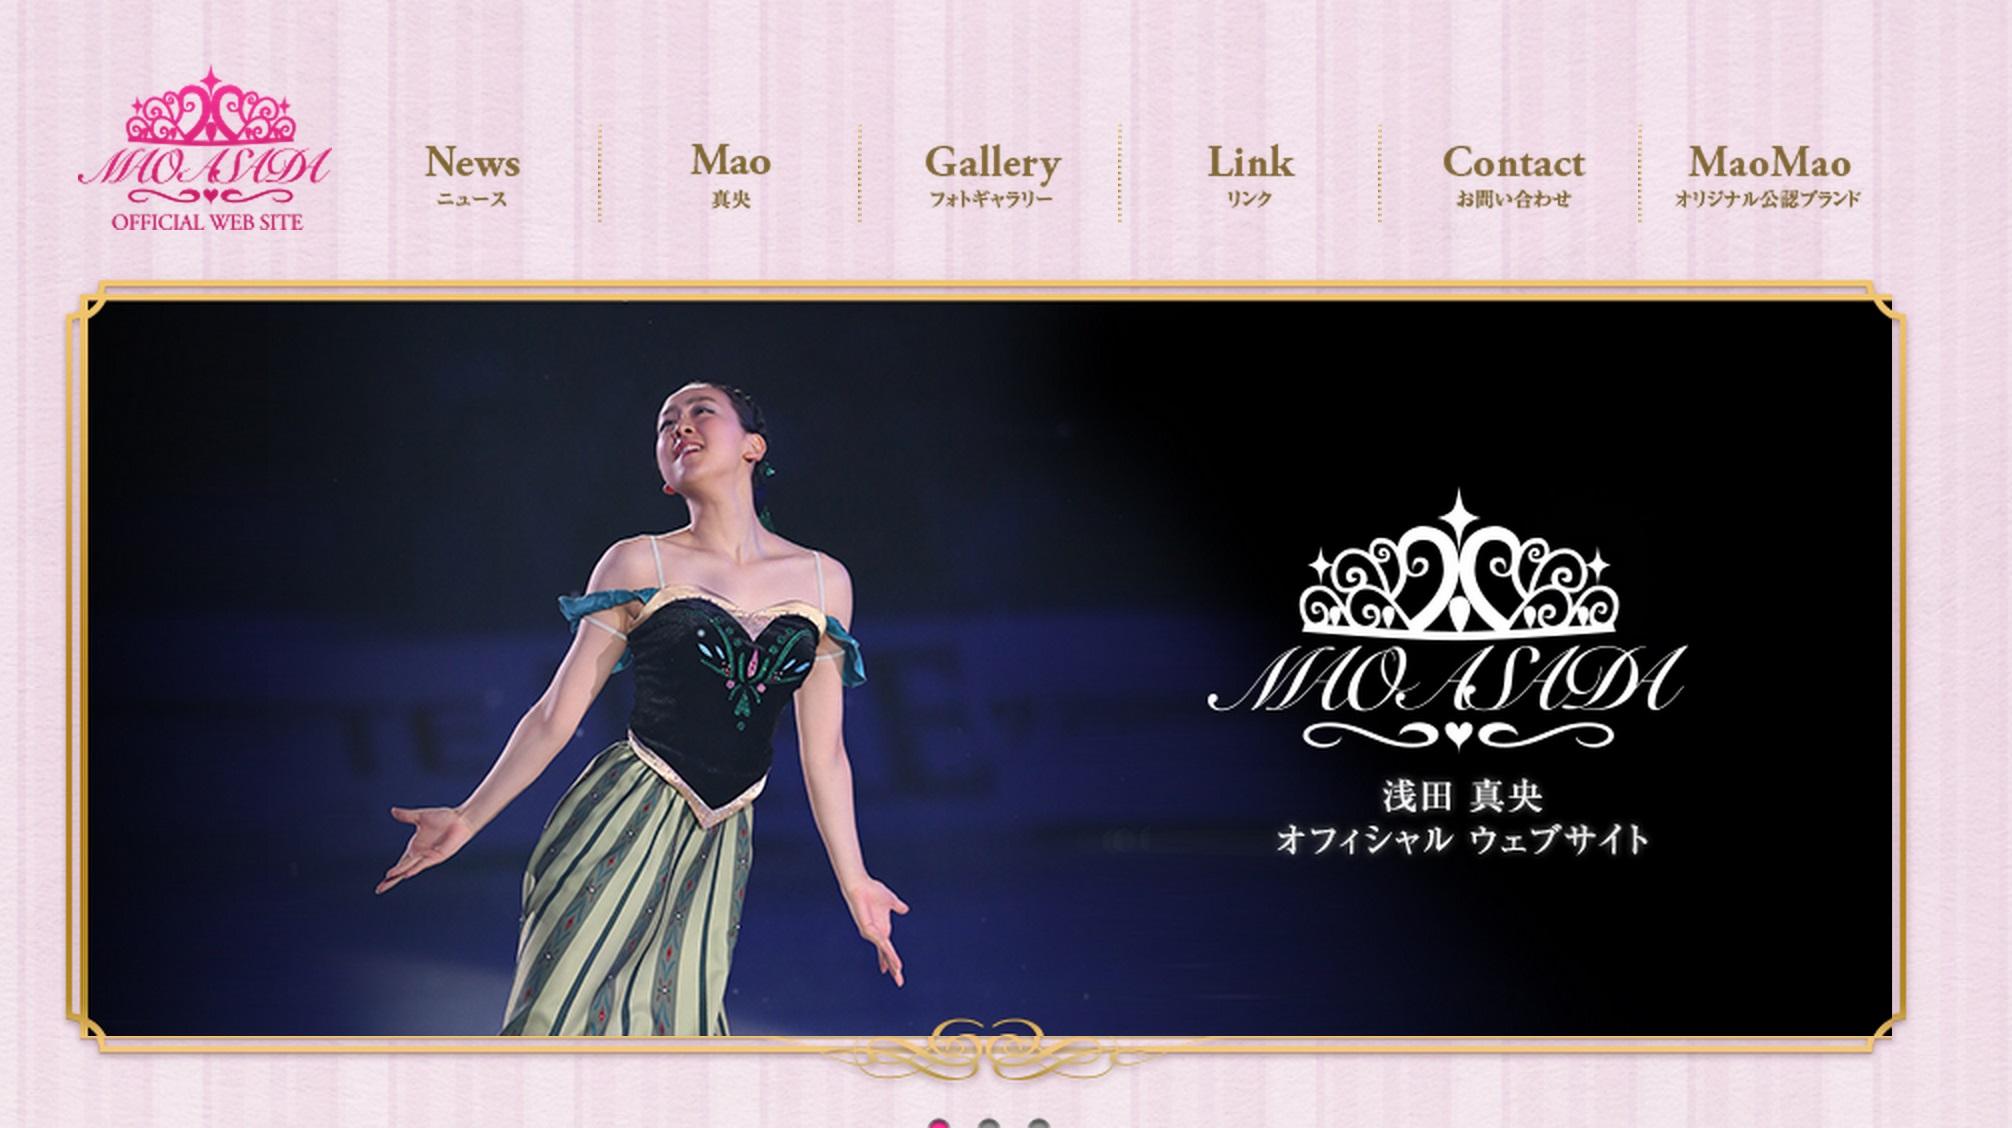 浅田真央オフィシャルWEBサイト